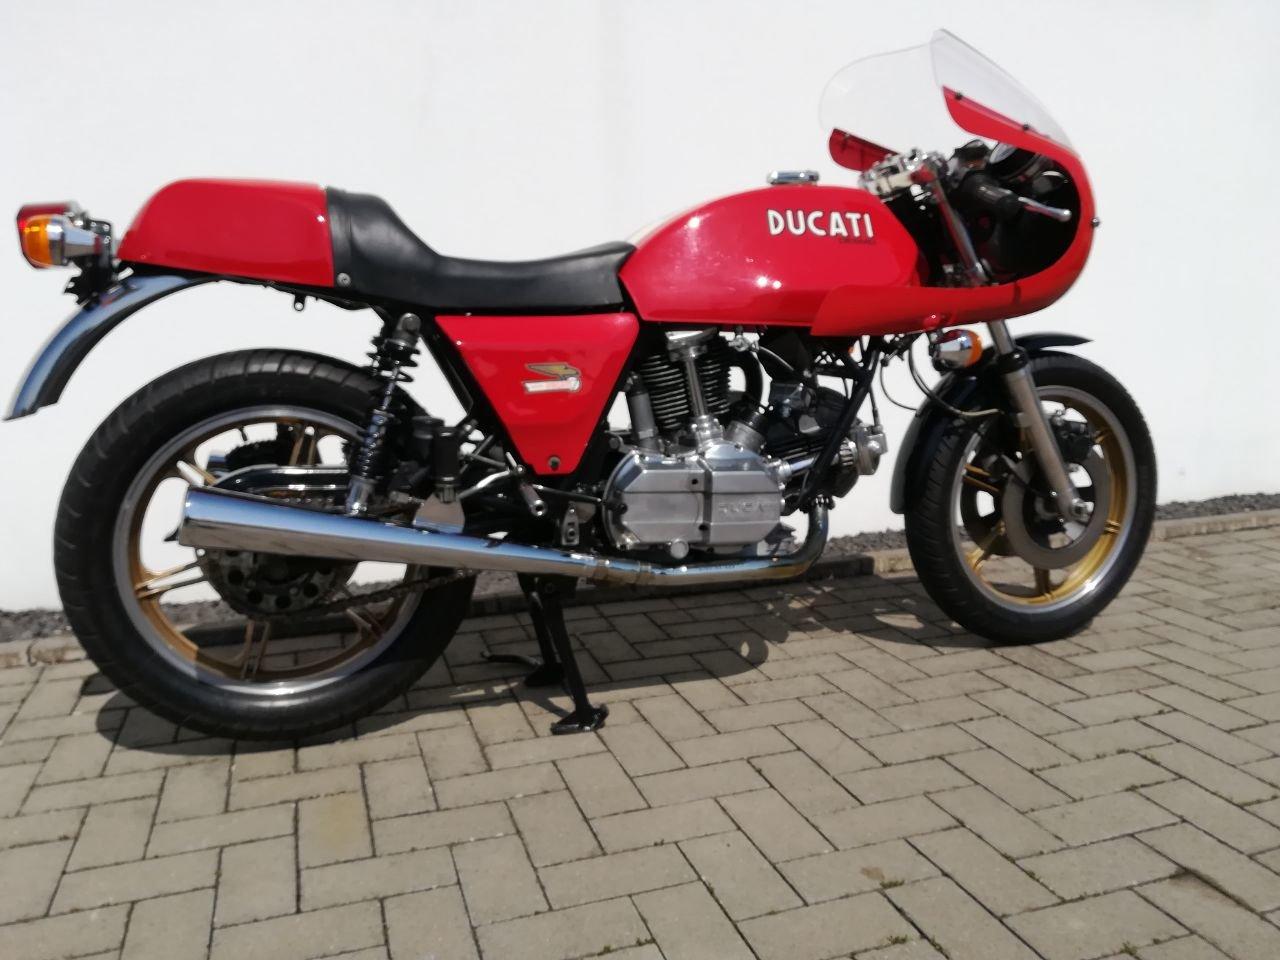 1983 Ducati 900 SS / D Imola Replica Bevel Desmo For Sale (picture 3 of 6)